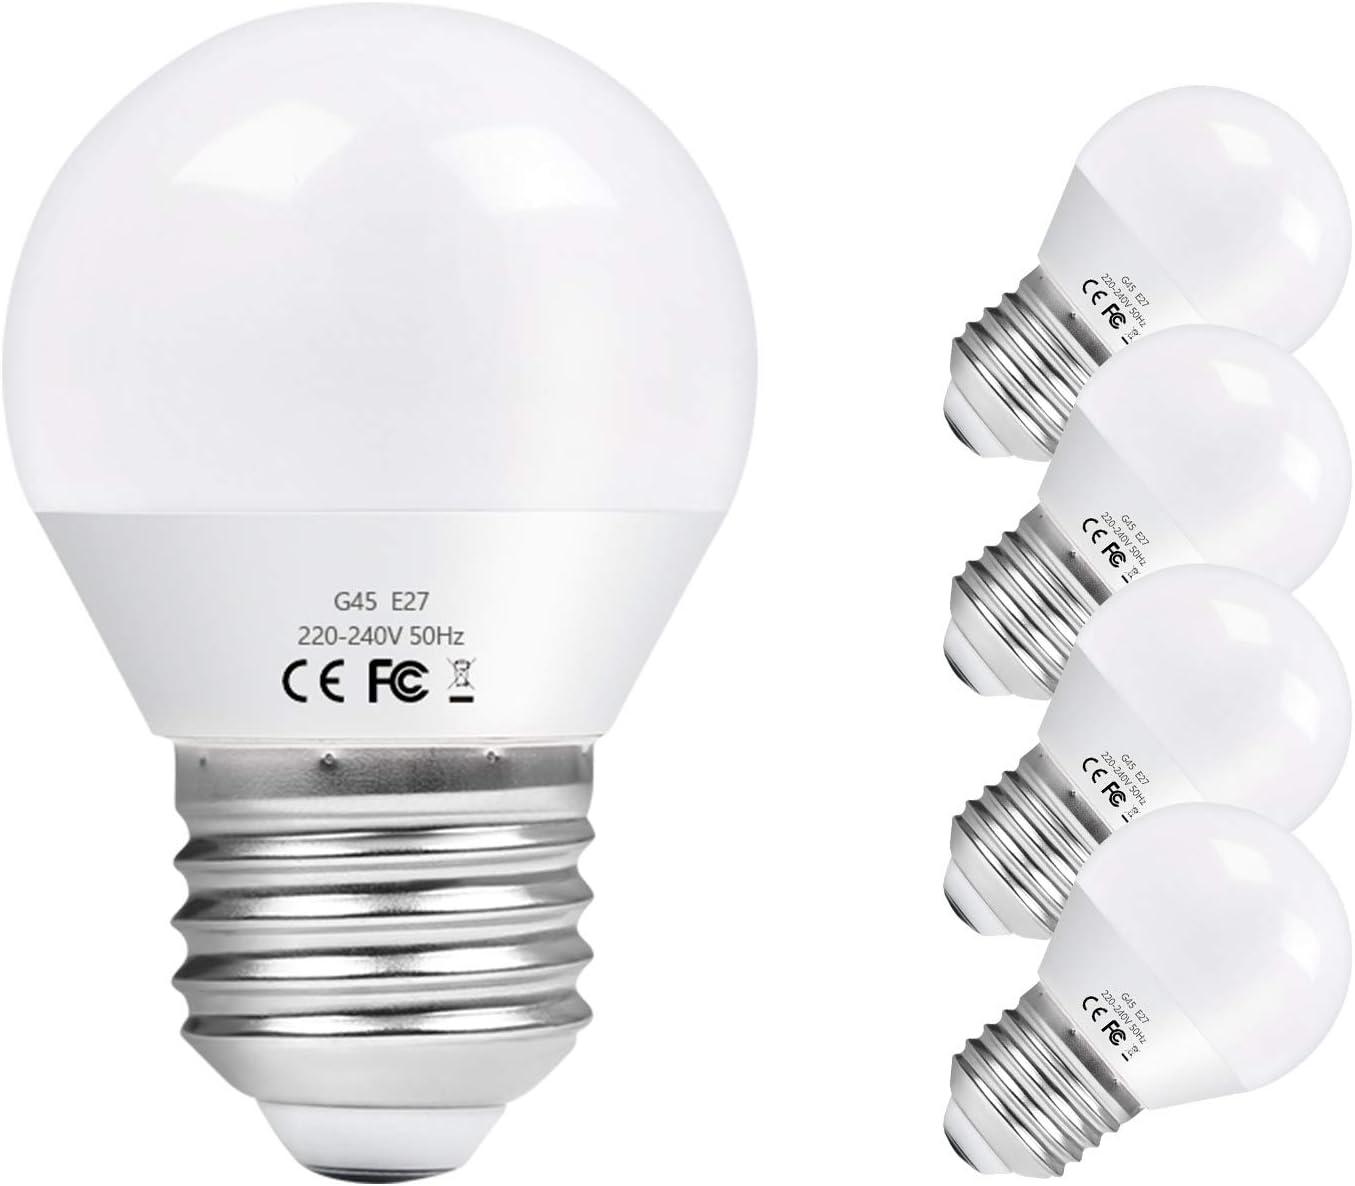 Vicloon E27 Bombilla LED G45, 6W equivalente a 40W Bombilla Incandescente, Equivalente 50W Bombilla Halógena, 550LM 6500K Blanco Frío E27 Lámpara LED, No Regulable, Angulo de haz de 270°, Pack de 5